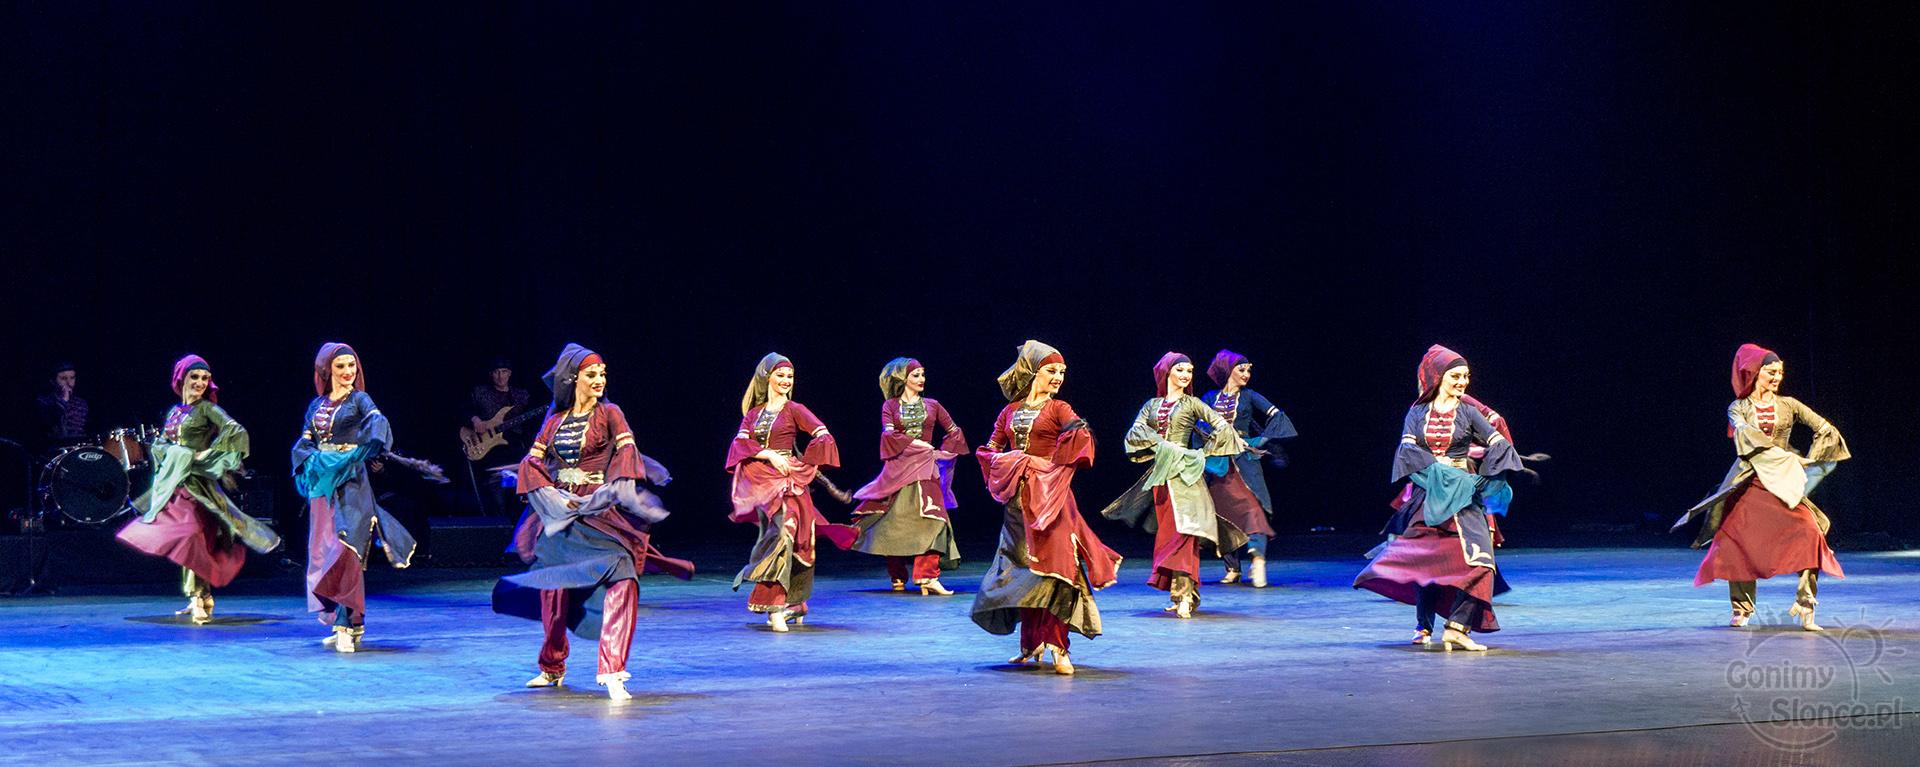 Narodowy Balet Gruzji Sukhishvili 10 blog kulturalny